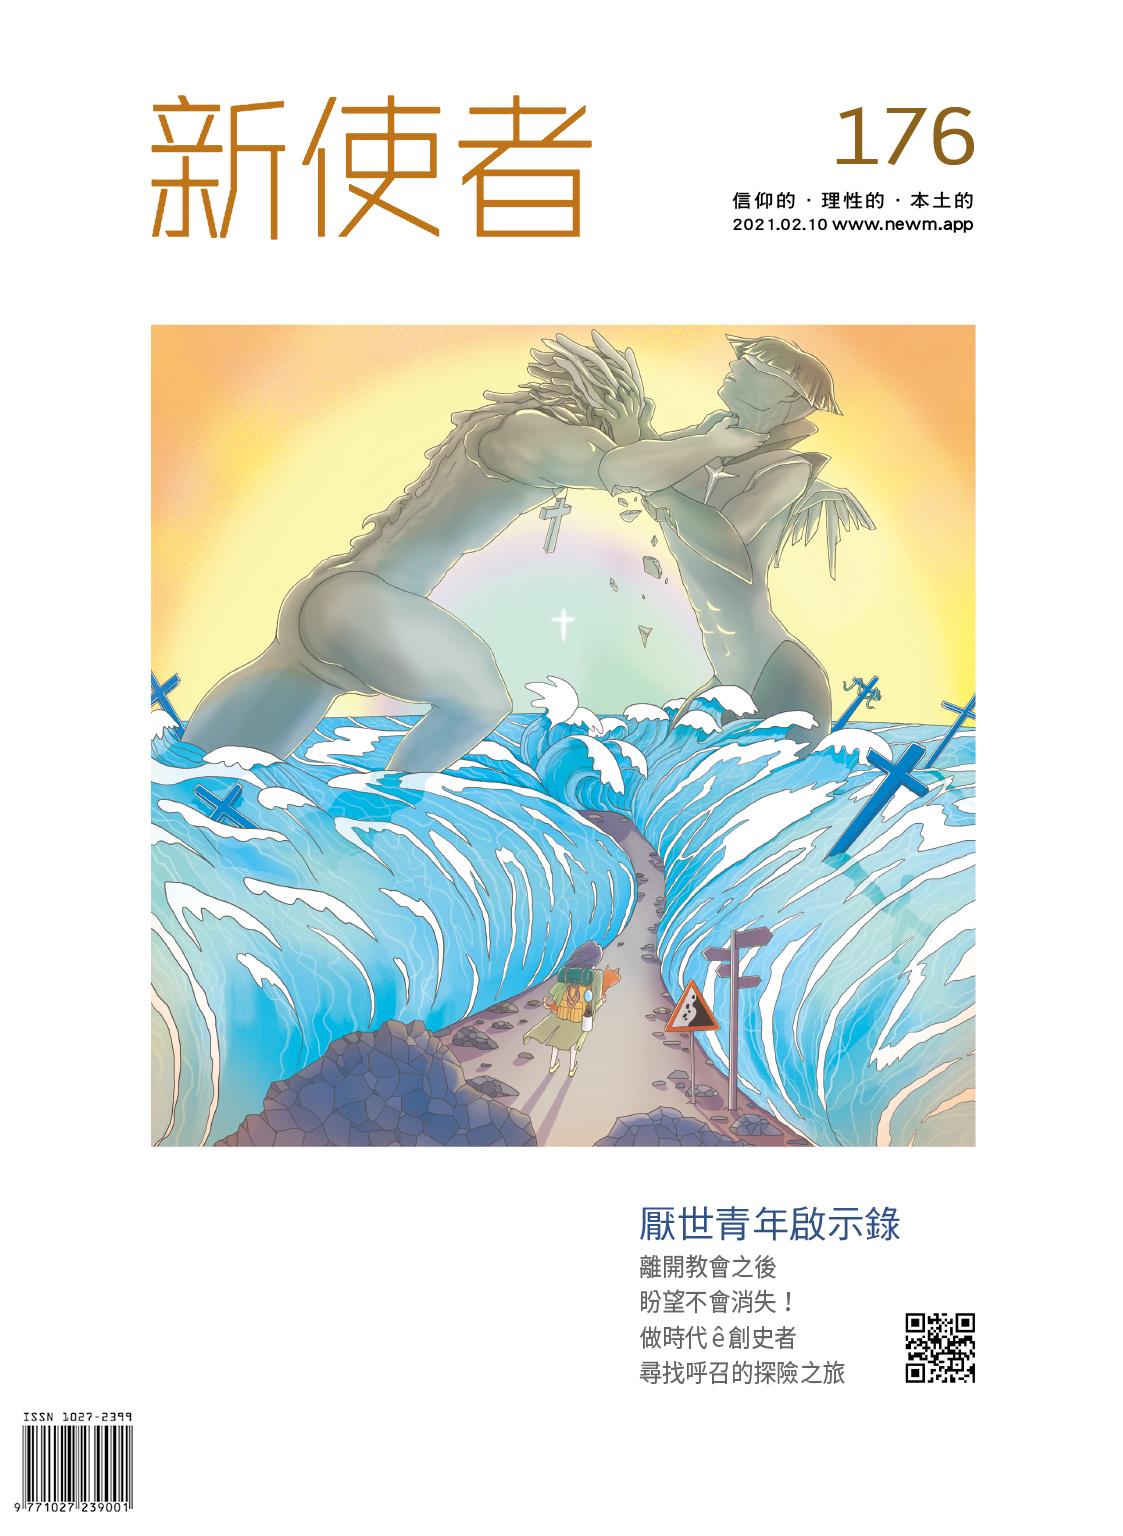 新使者雜誌 The New Messenger  176期  2021年  2月 厭世青年啟示錄